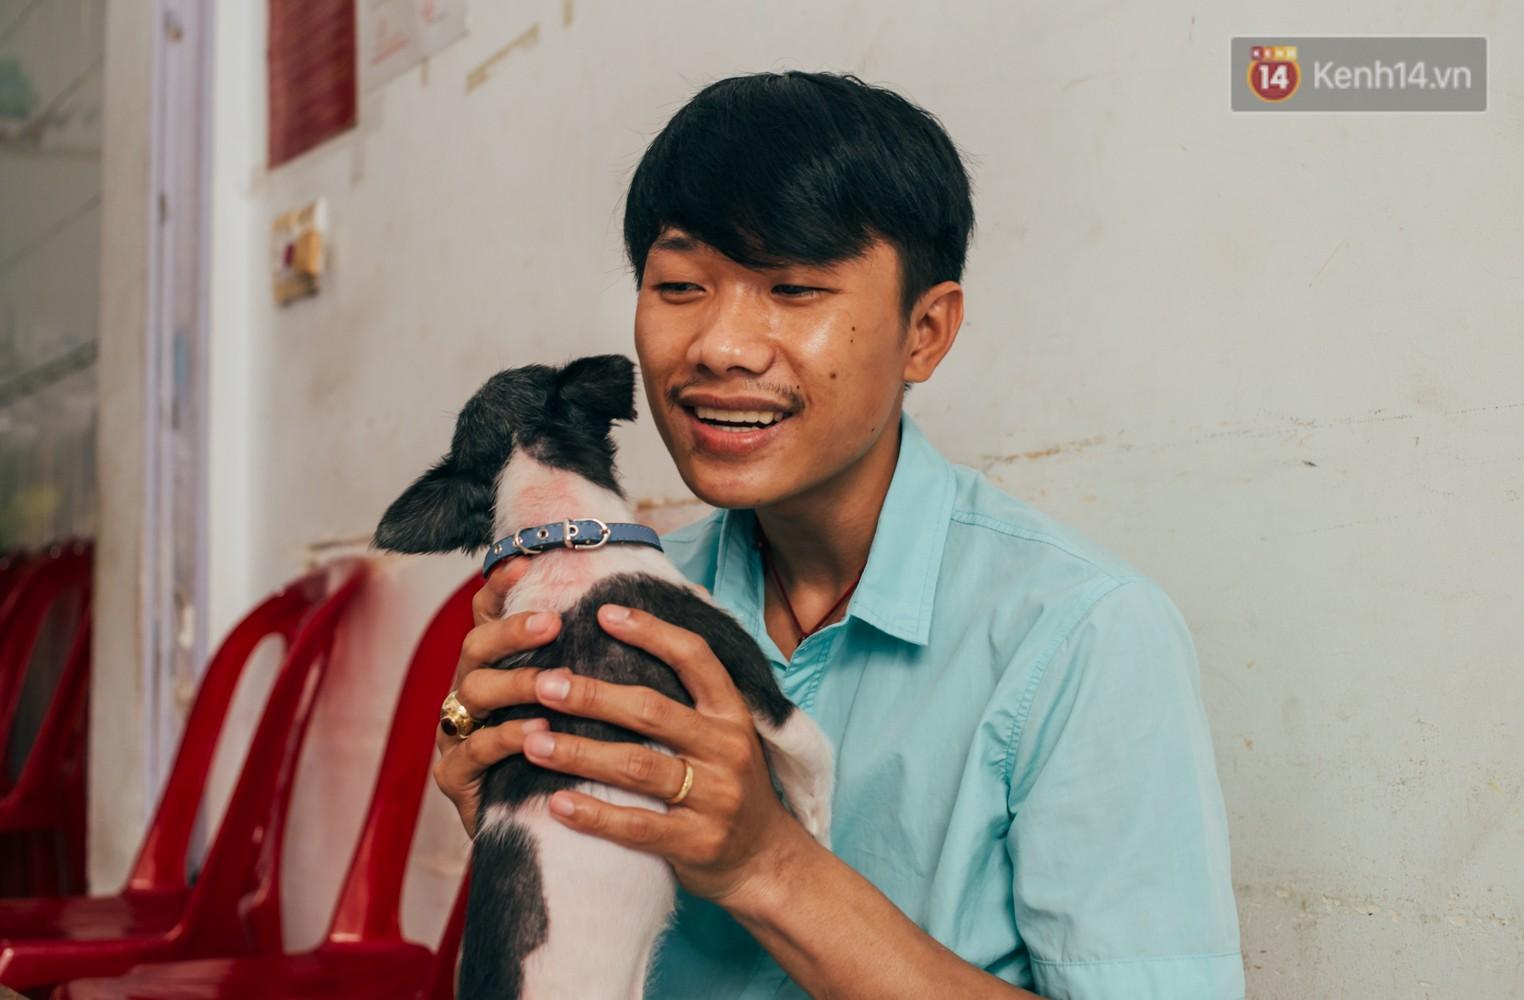 Câu chuyện cảm động phía sau cơ sở massage ở Sài Gòn với nhân viên và ông chủ đều là người khiếm thị - Ảnh 4.